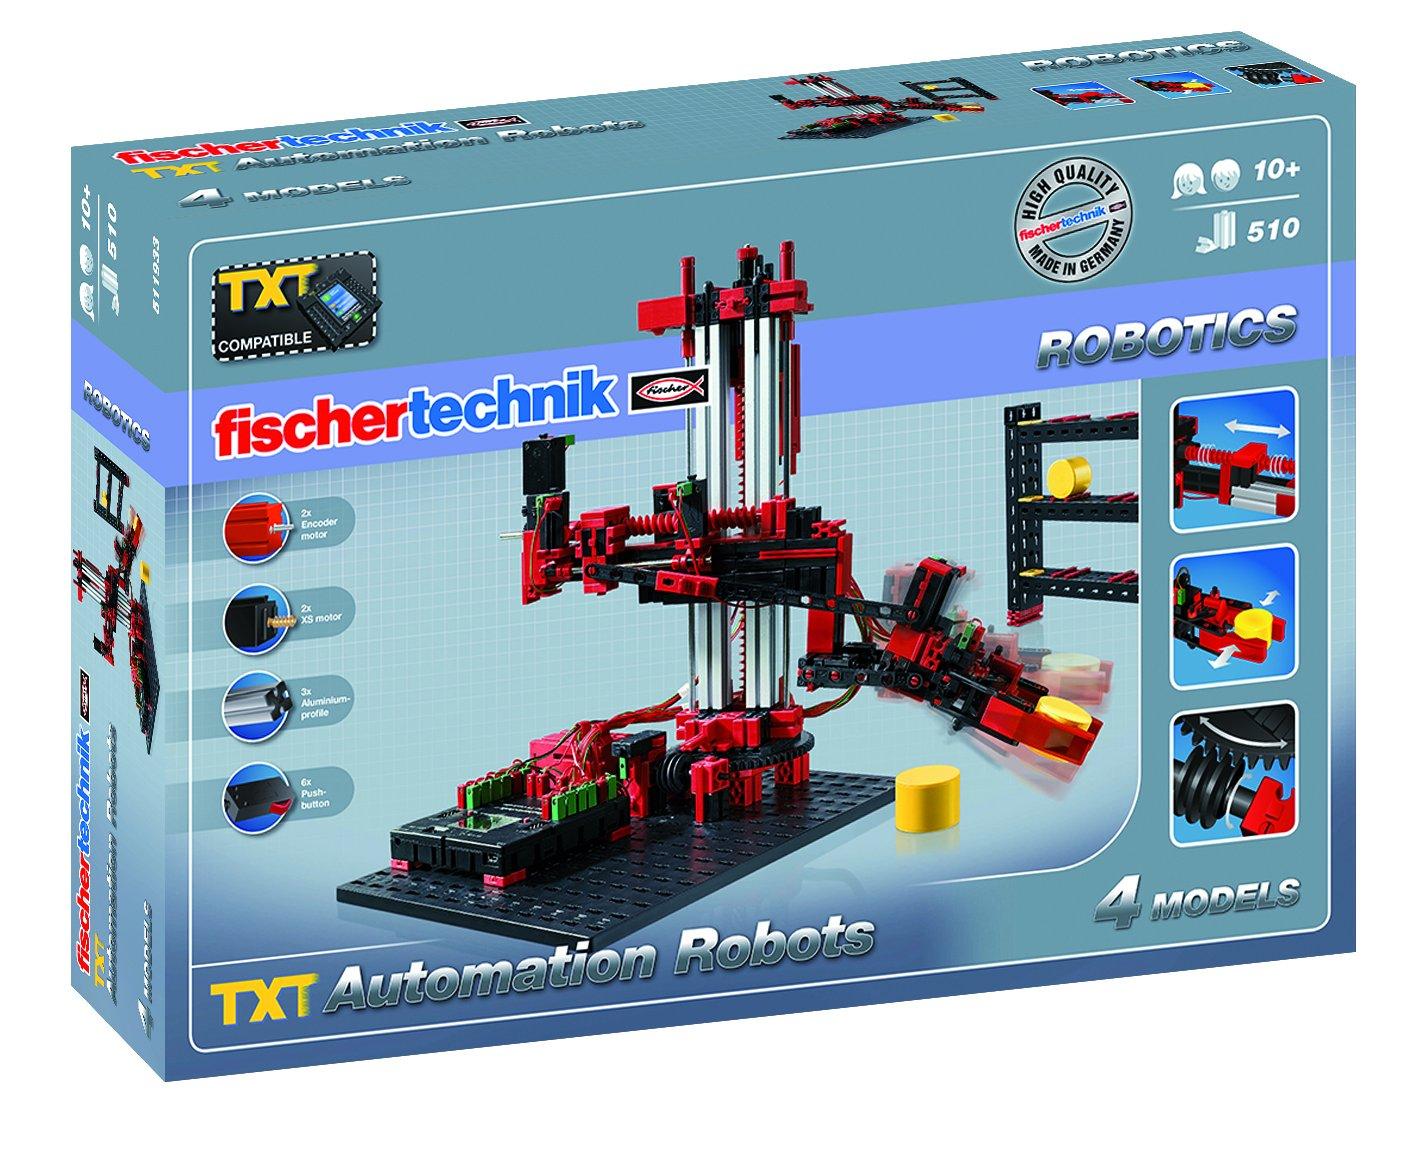 Fischertechnik Fischertechnik Fischertechnik 511933 - TXT Automation Robots c87086